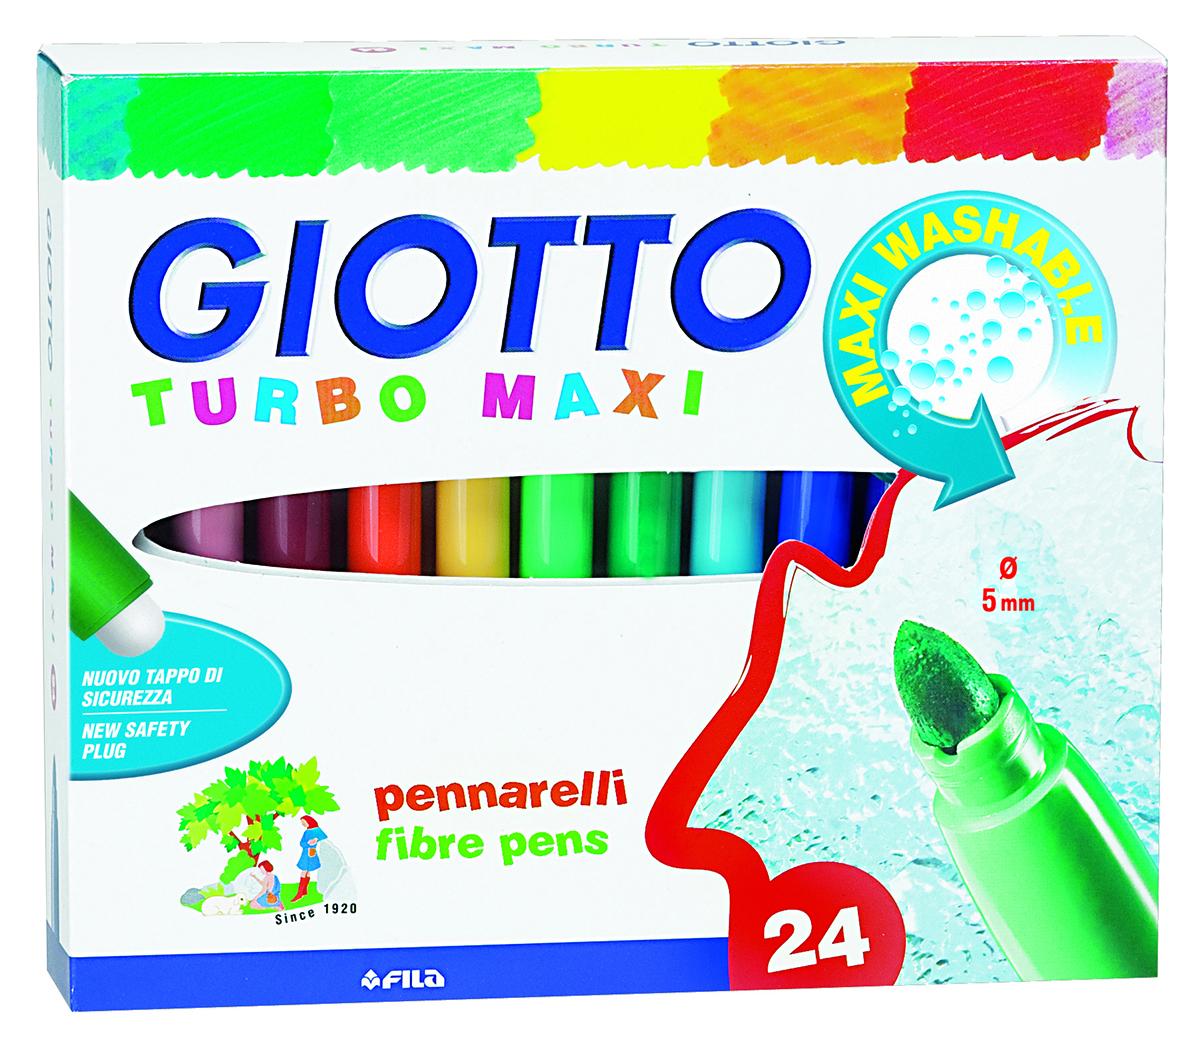 Giotto Набор фломастеров Turbo Maxi утолщенные 24 цвета72523WDФломастеры утолщенные на водной основе с натуральными красителями, 24 цветов. Удобны для малышей. Устойчивы к высыханию при открытом колпачке более месяца! Яркие, насыщенные цвета, не выцветают и не выгорают на солнце. Легко отстирываются и смываются с рук. Пишущий фетровый наконечник надежно зафиксирован, не вдавливается и не деформируется даже при сильном нажатии. Вентилируемый колпачок.